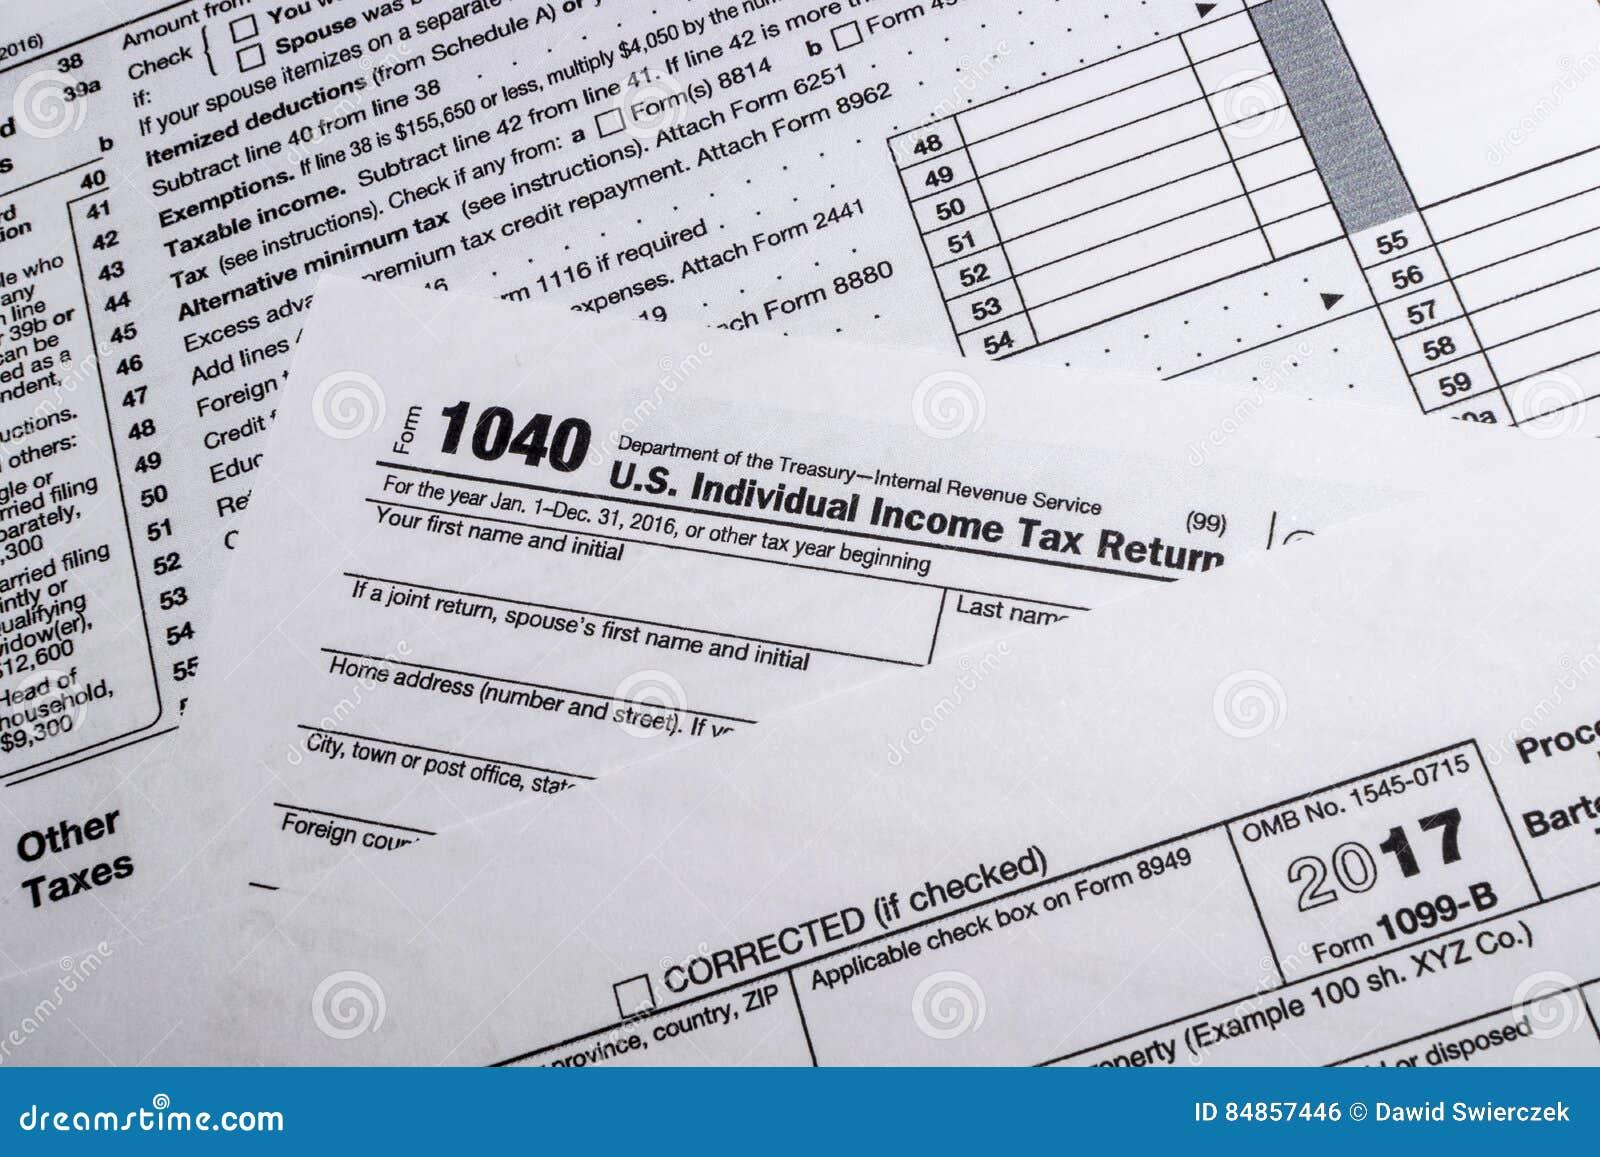 Форма 1099-B IRS: Маклер выручек Frim и обмен Transa договора мены